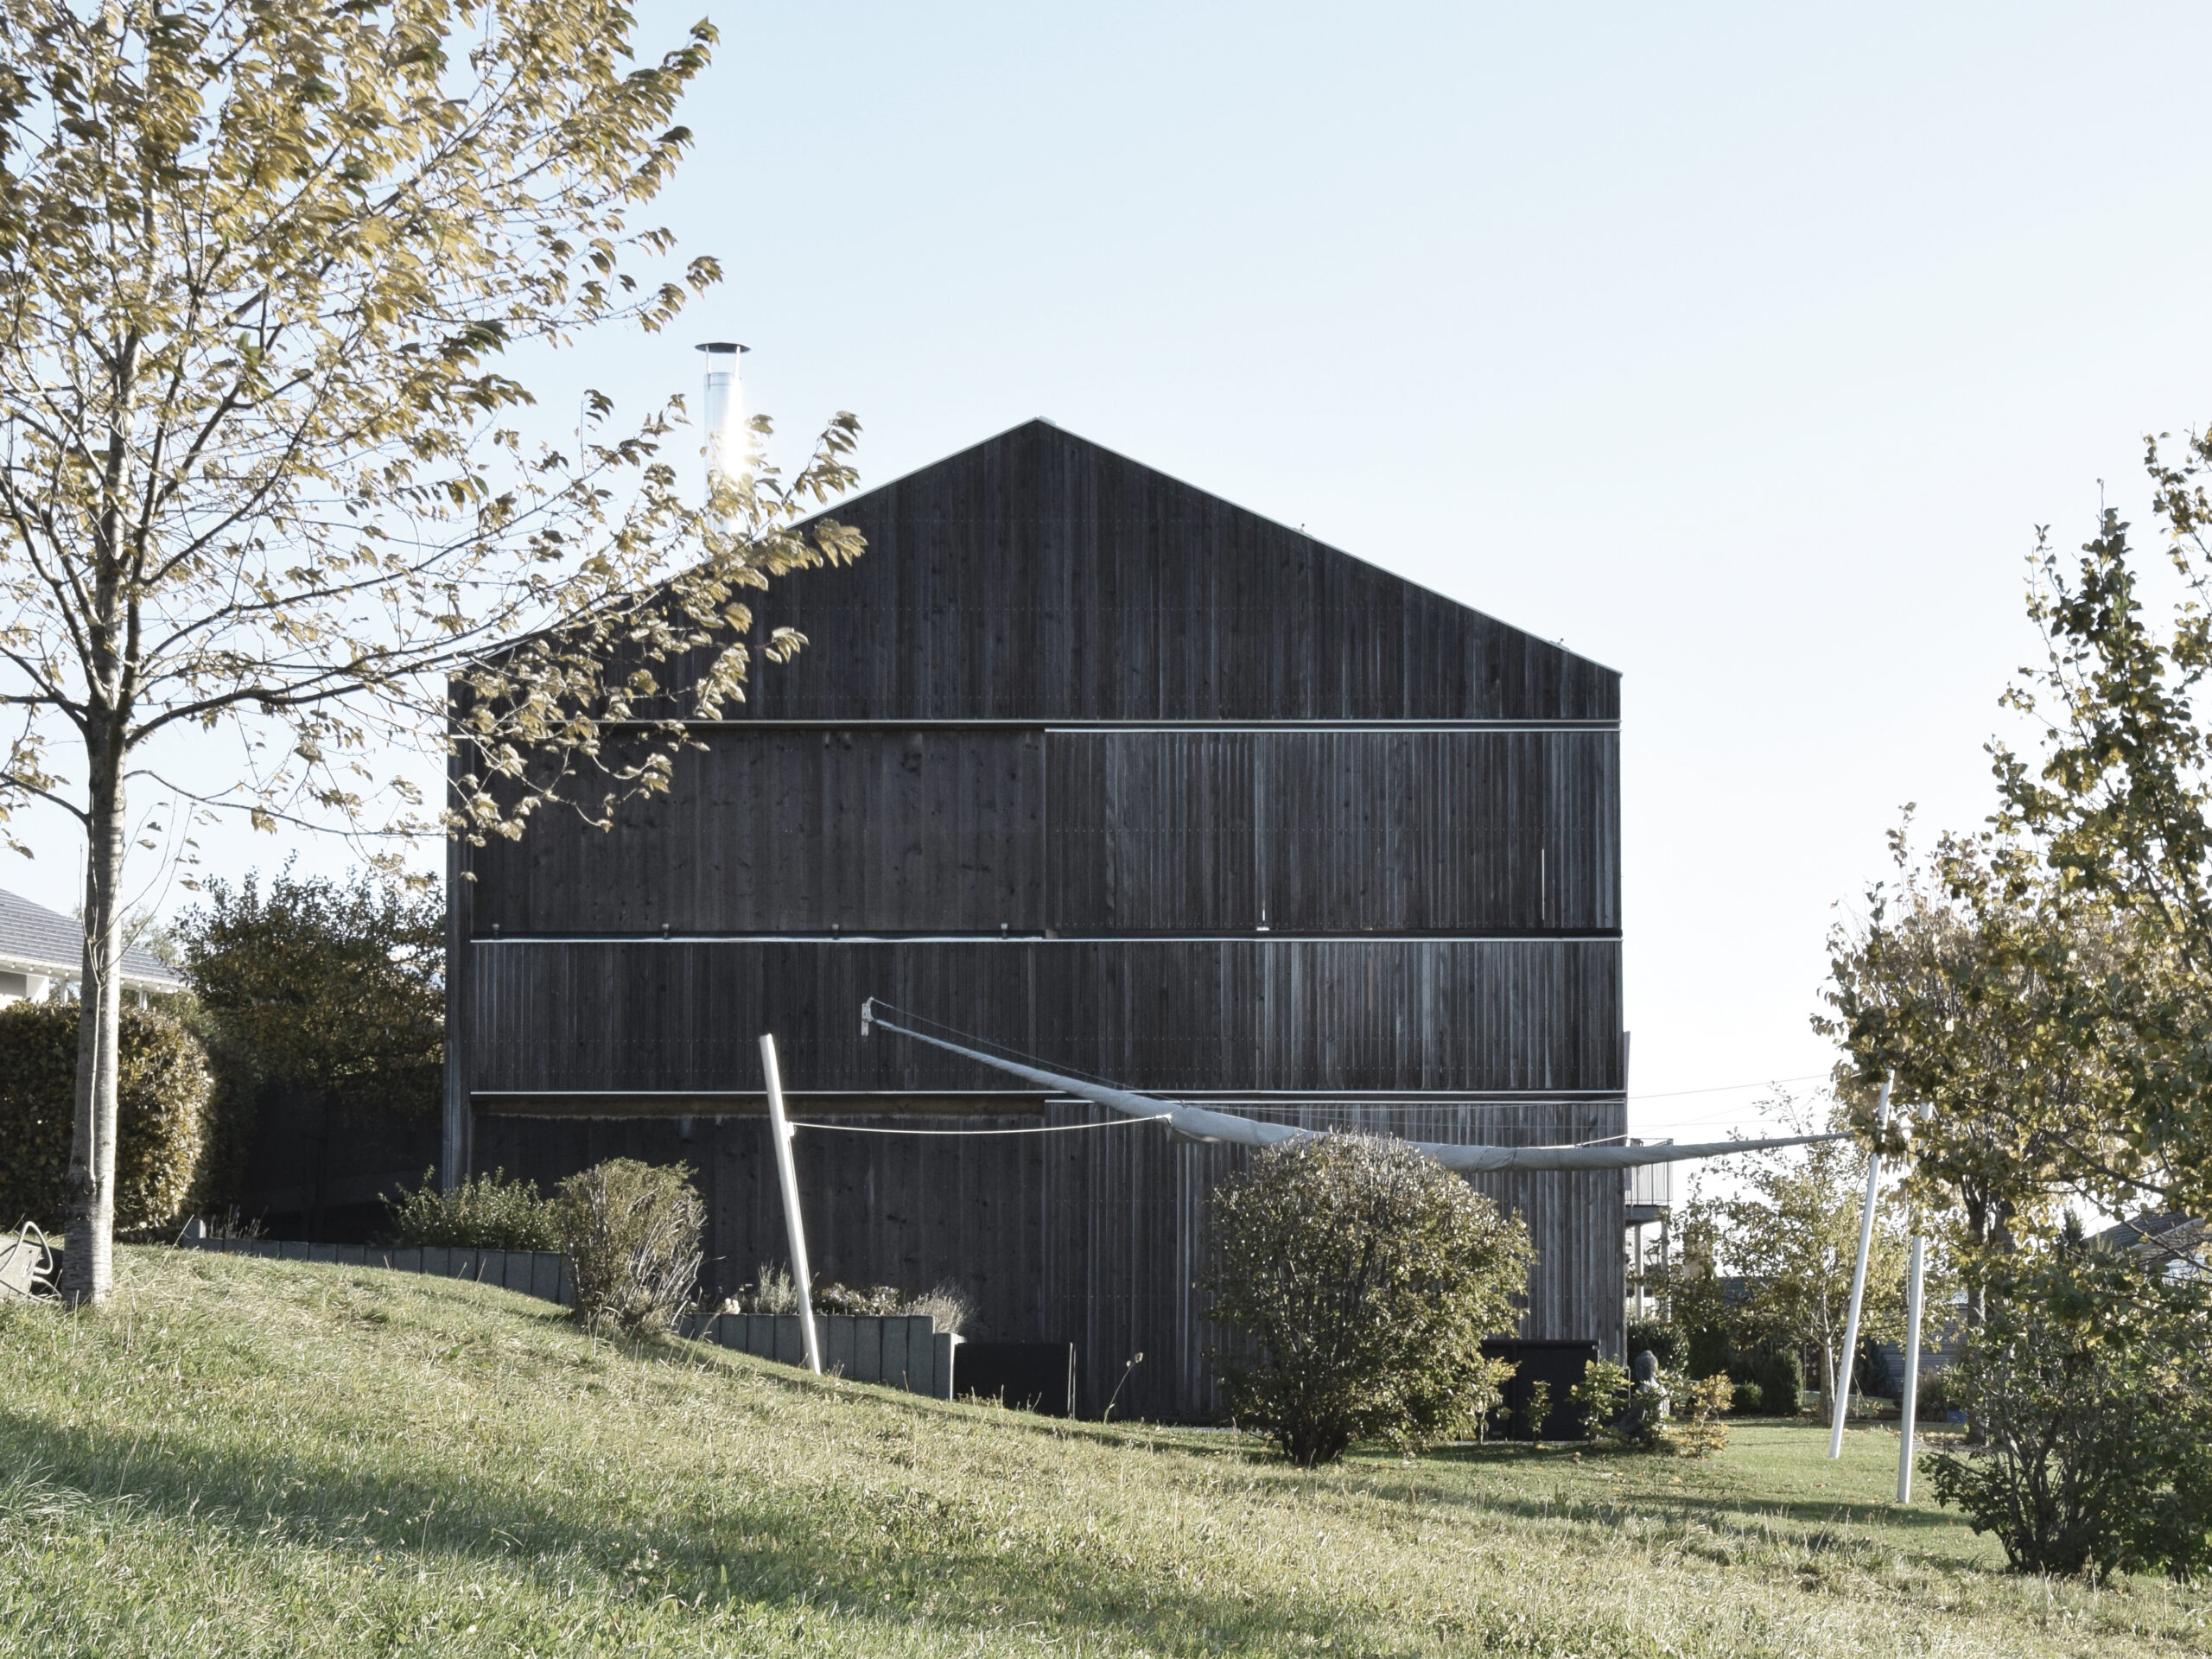 Michael-Becker-Architects-Architekten-Haus-s-01